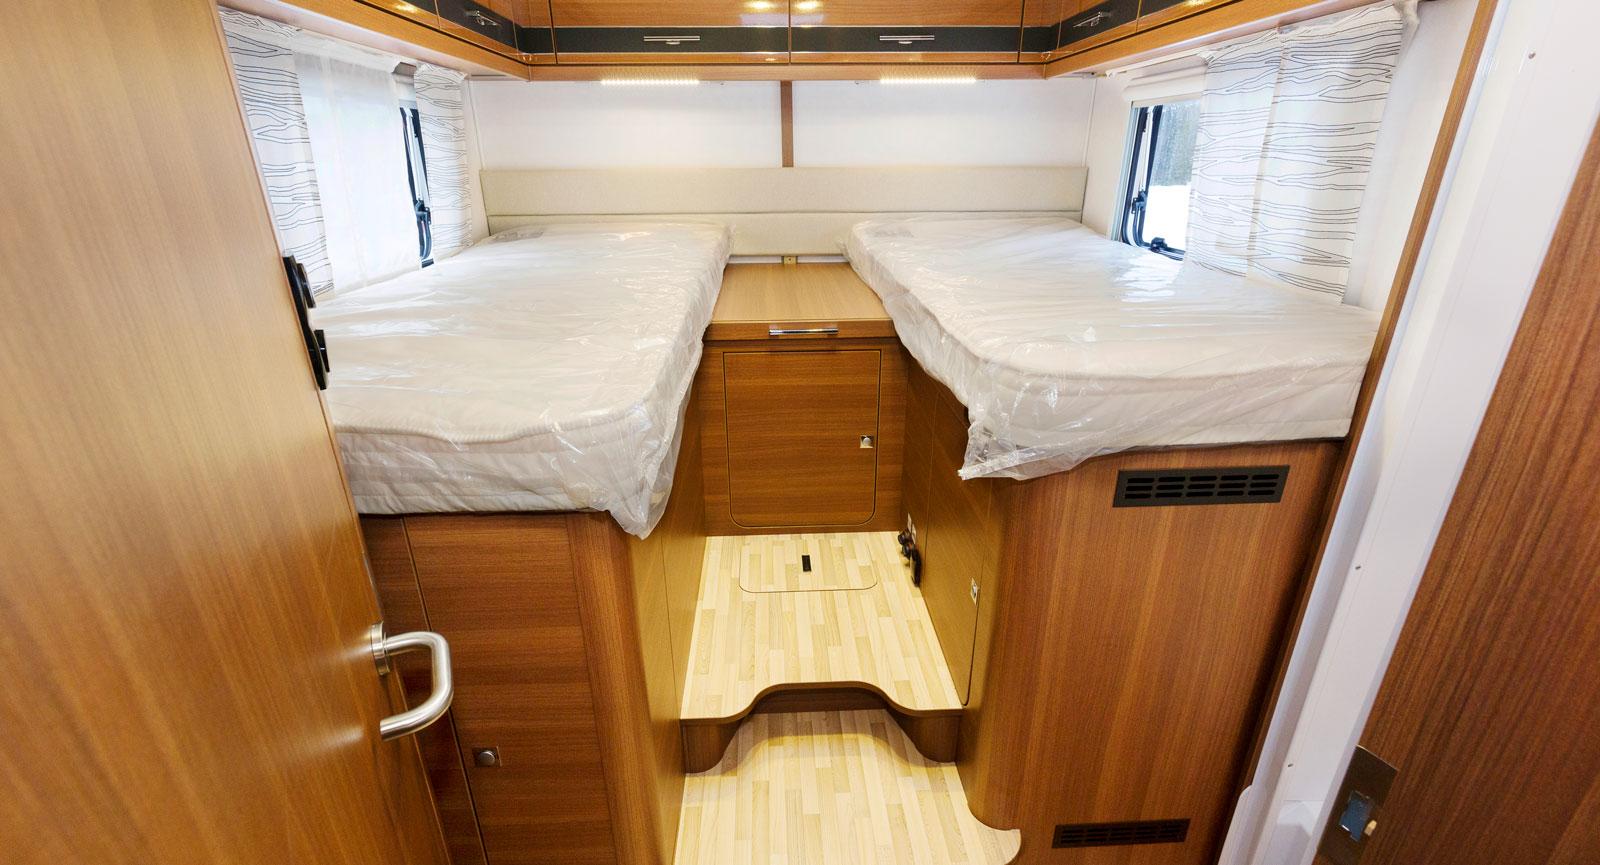 Zzz. Populära långbäddar som är högt placerade för att ge mer lastrum undertill.